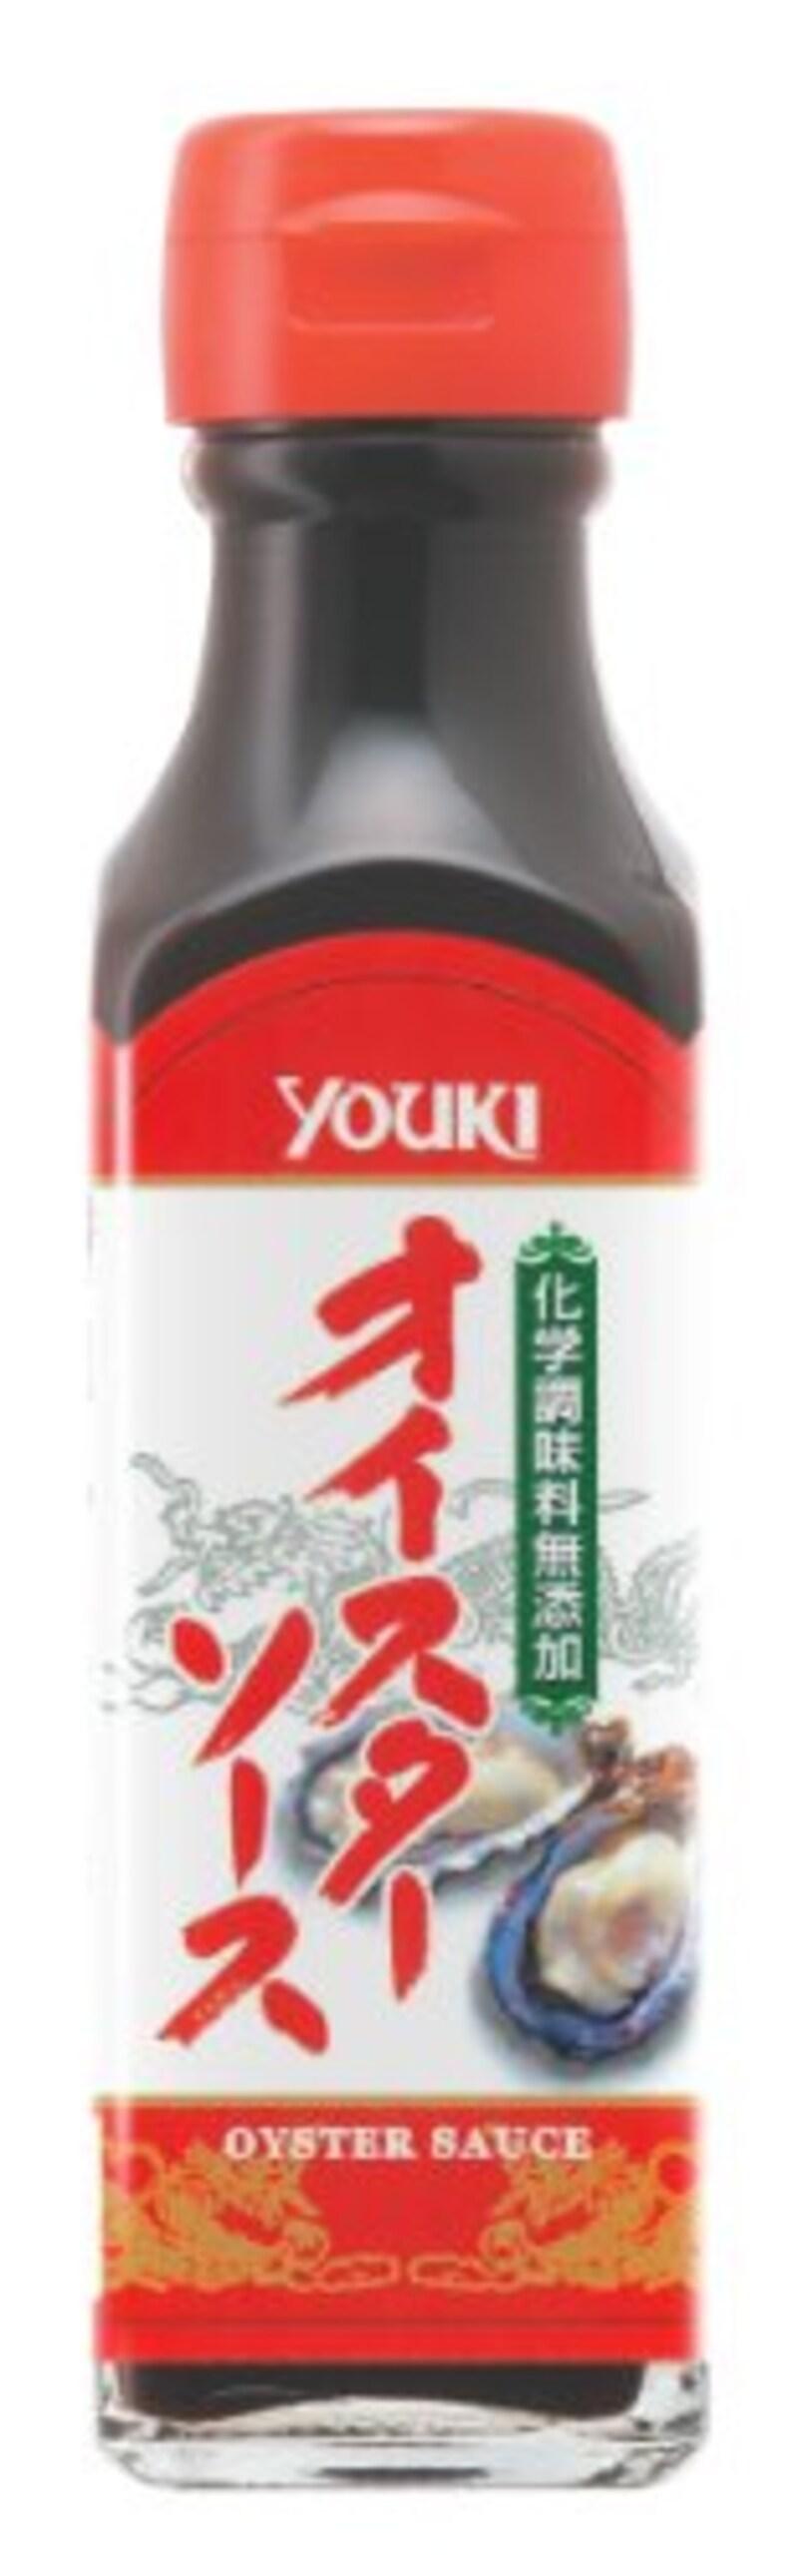 ユウキ,化学調味料無添加オイスターソース 145g